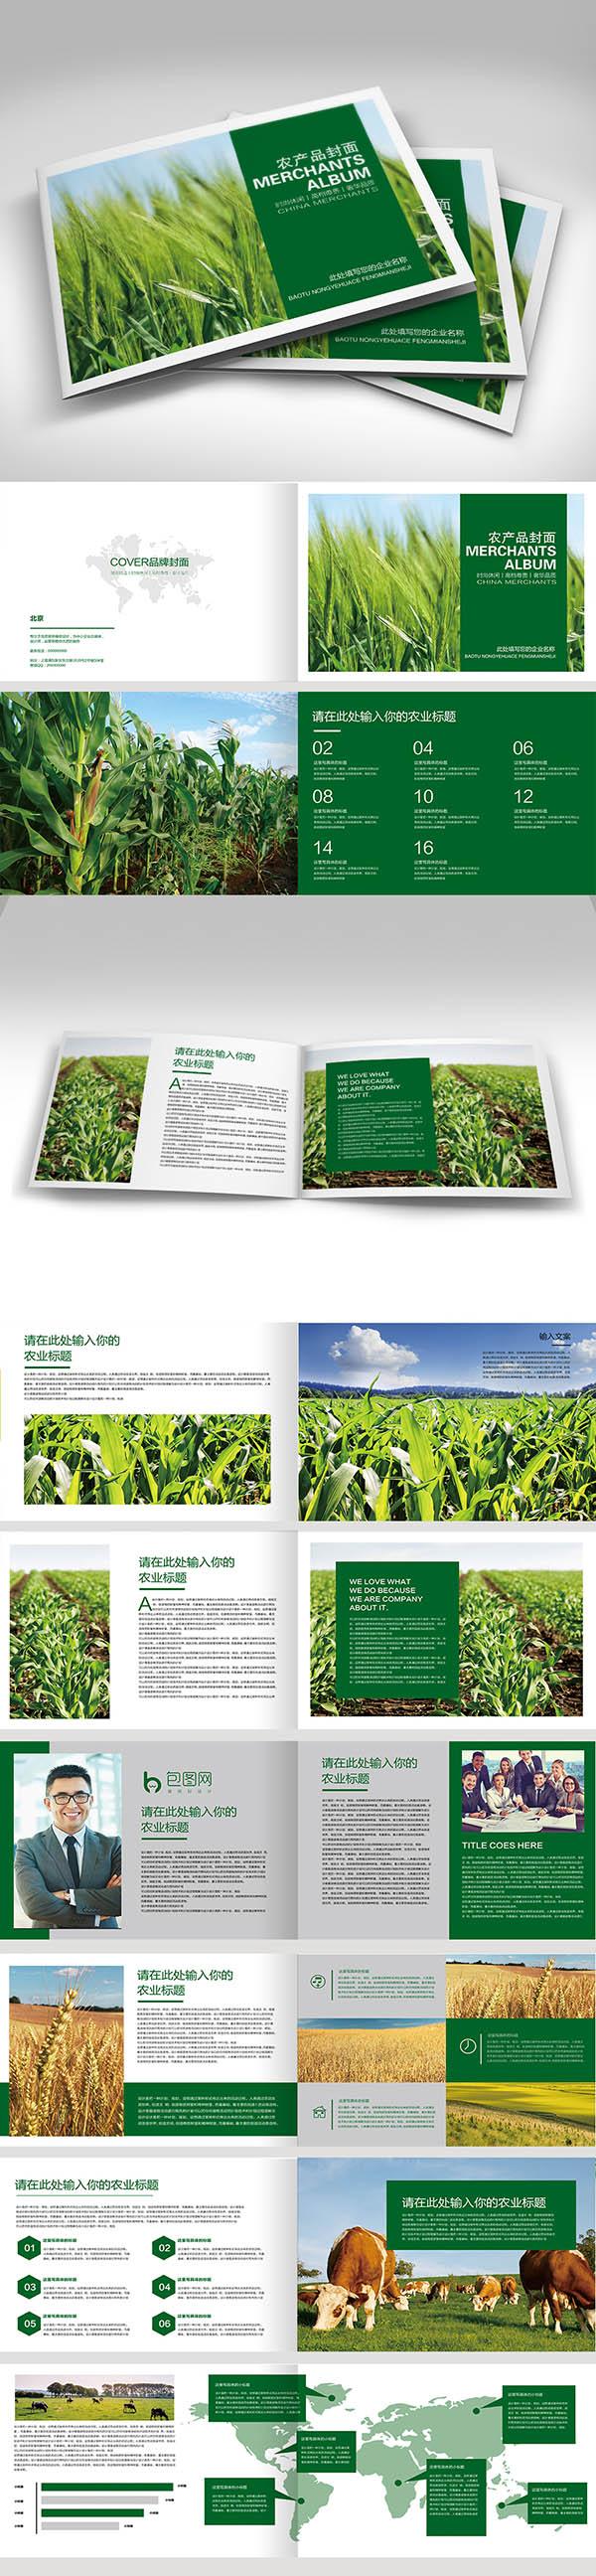 绿色农业画册,农业生产画册,农业画册封面,农业画册素材,农业展板